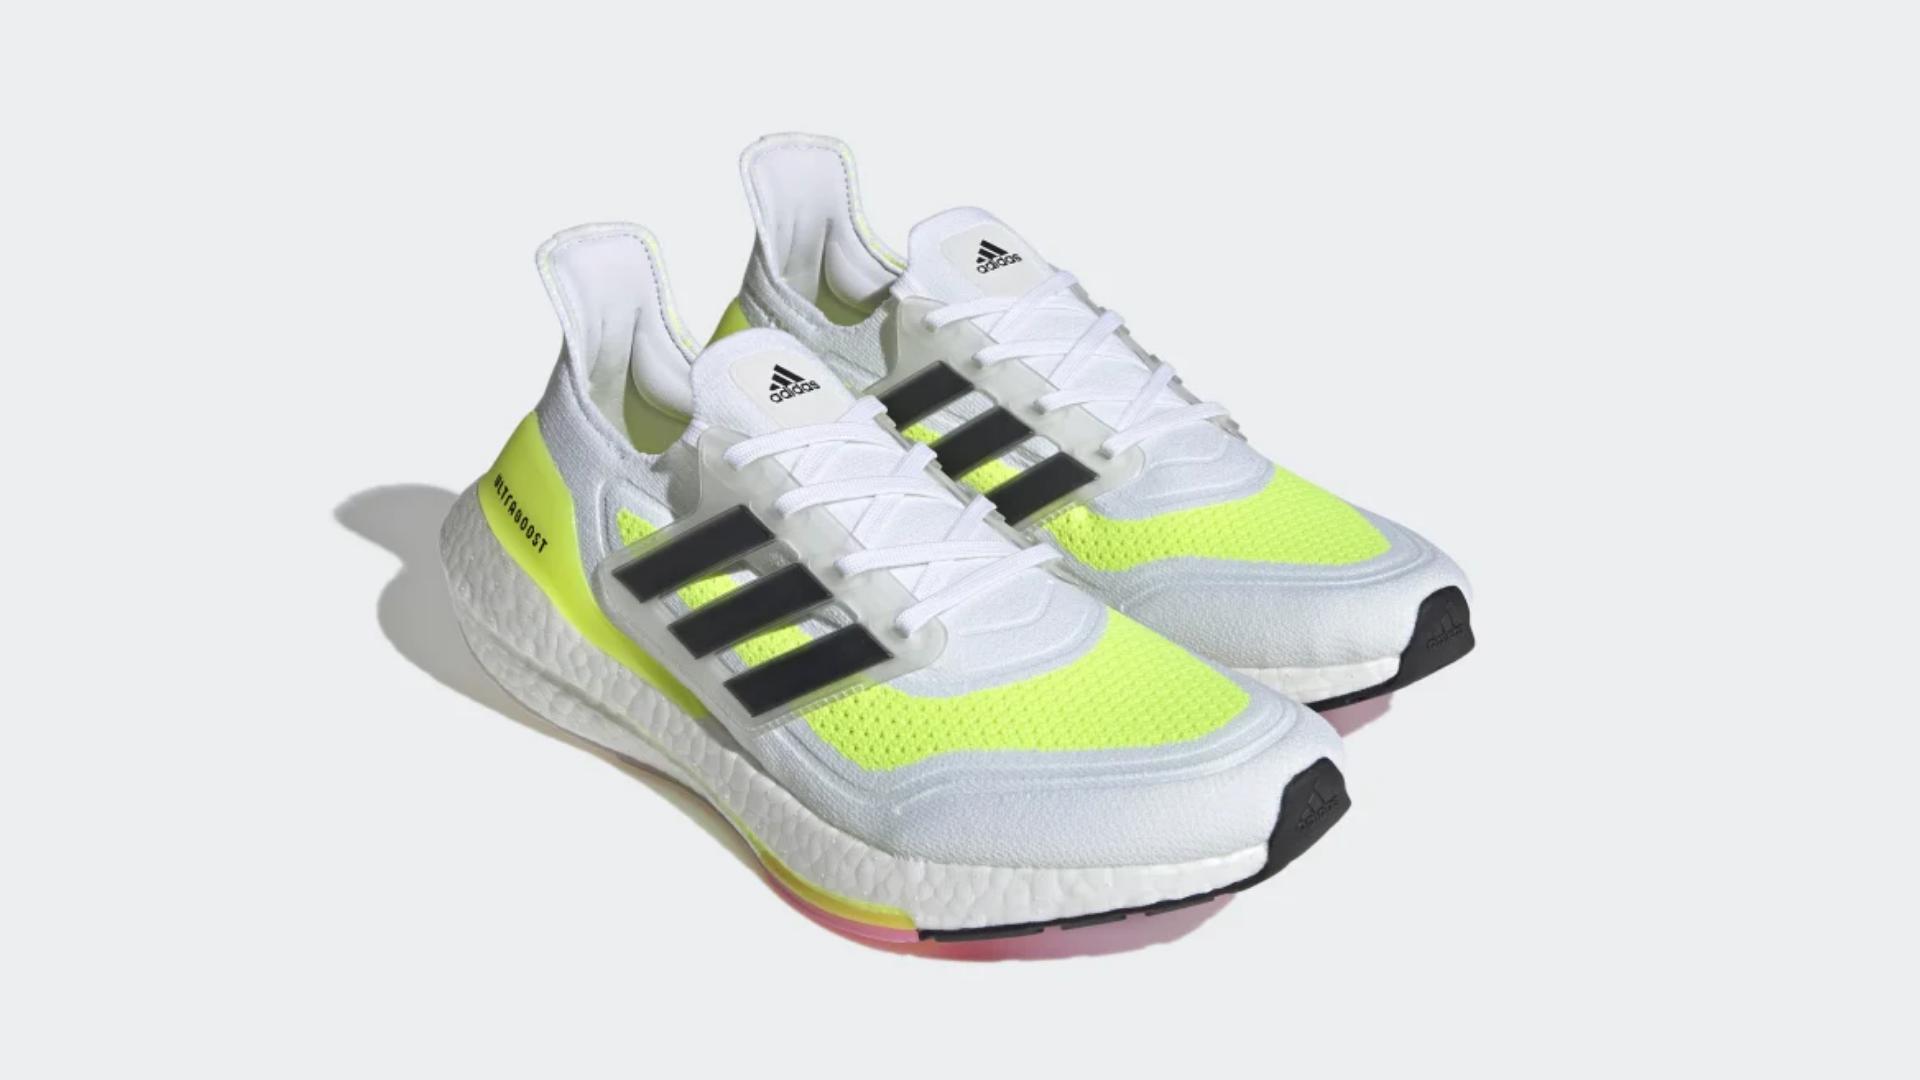 O Adidas Ultraboost 21 foi lançado em 28 de janeiro (Imagem: Divulgação/Adidas)